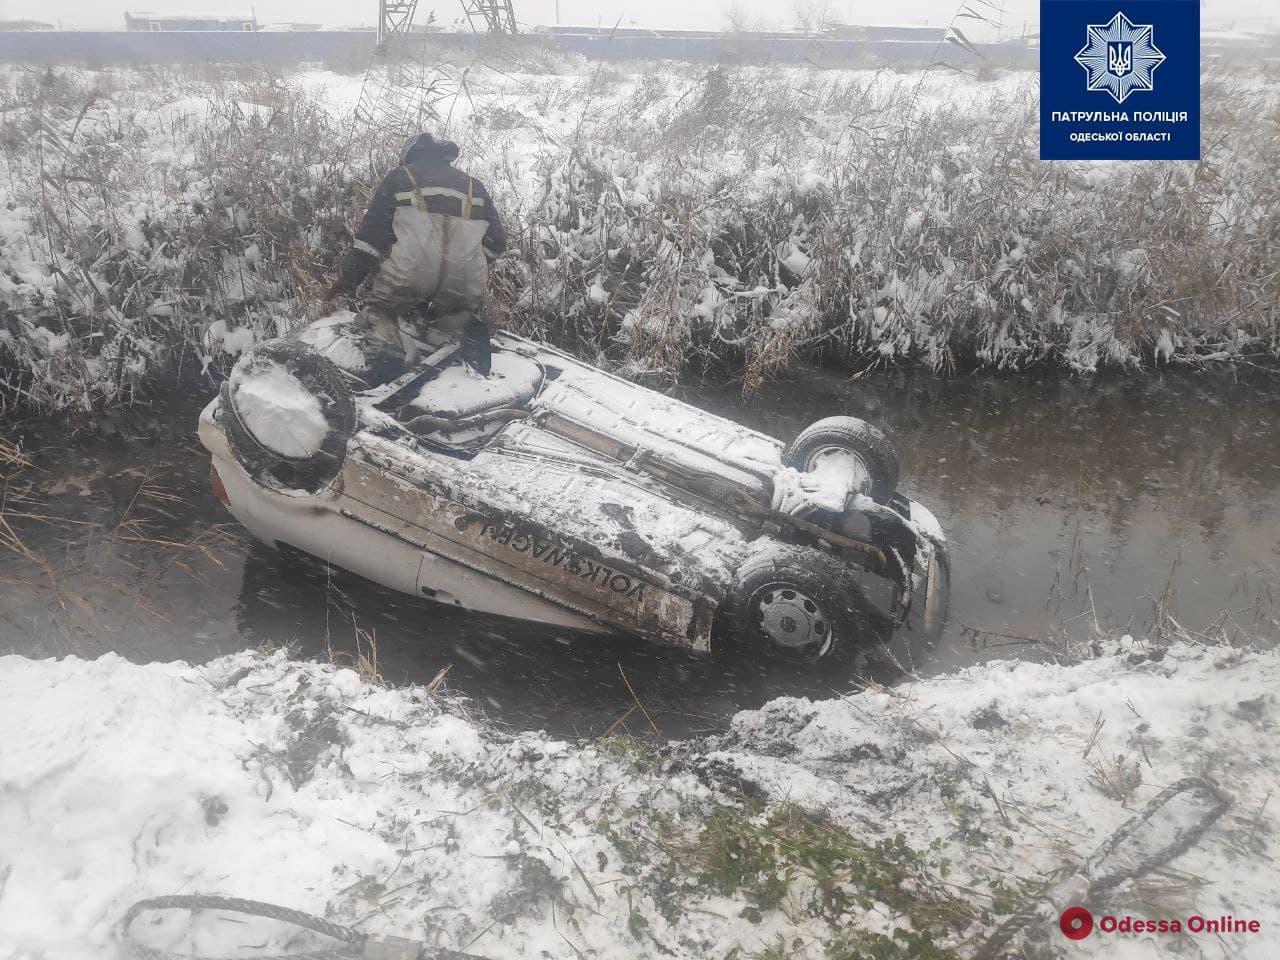 На Хаджибейской дороге легковушка слетела с дороги и опрокинулась (фото)